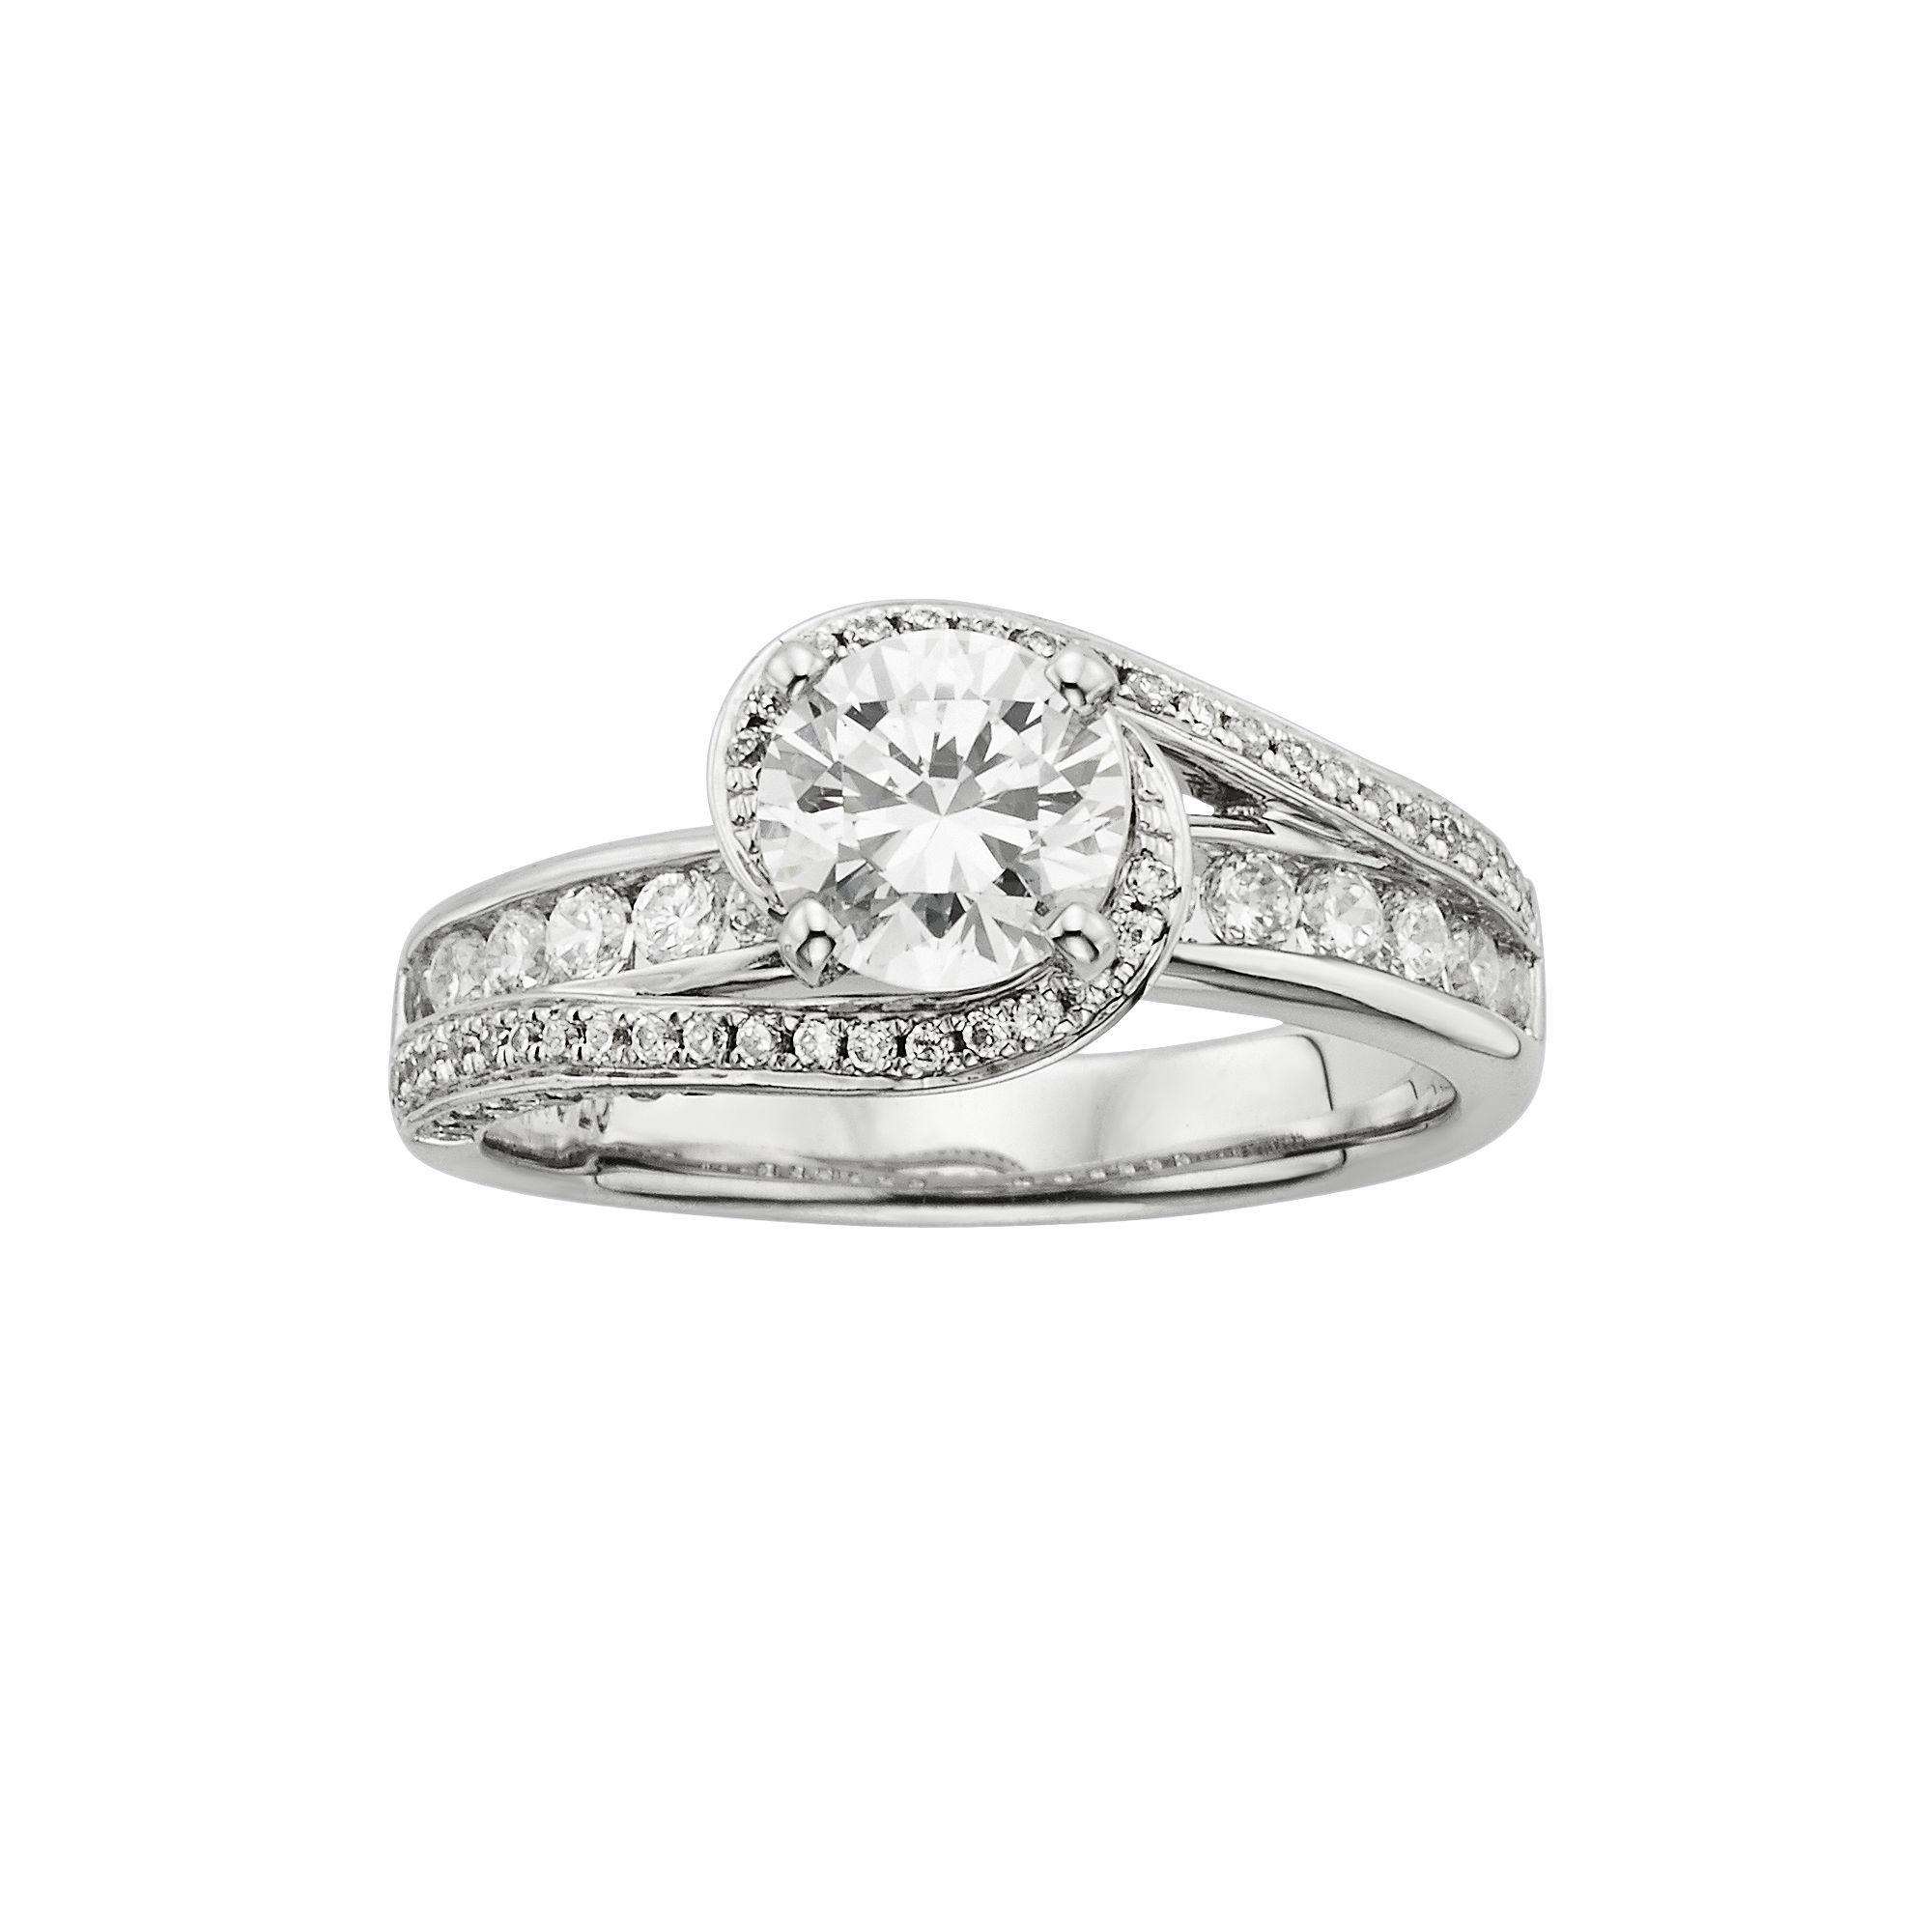 Round Cut IGL Certified Diamond Swirl Engagement Ring in 14k White